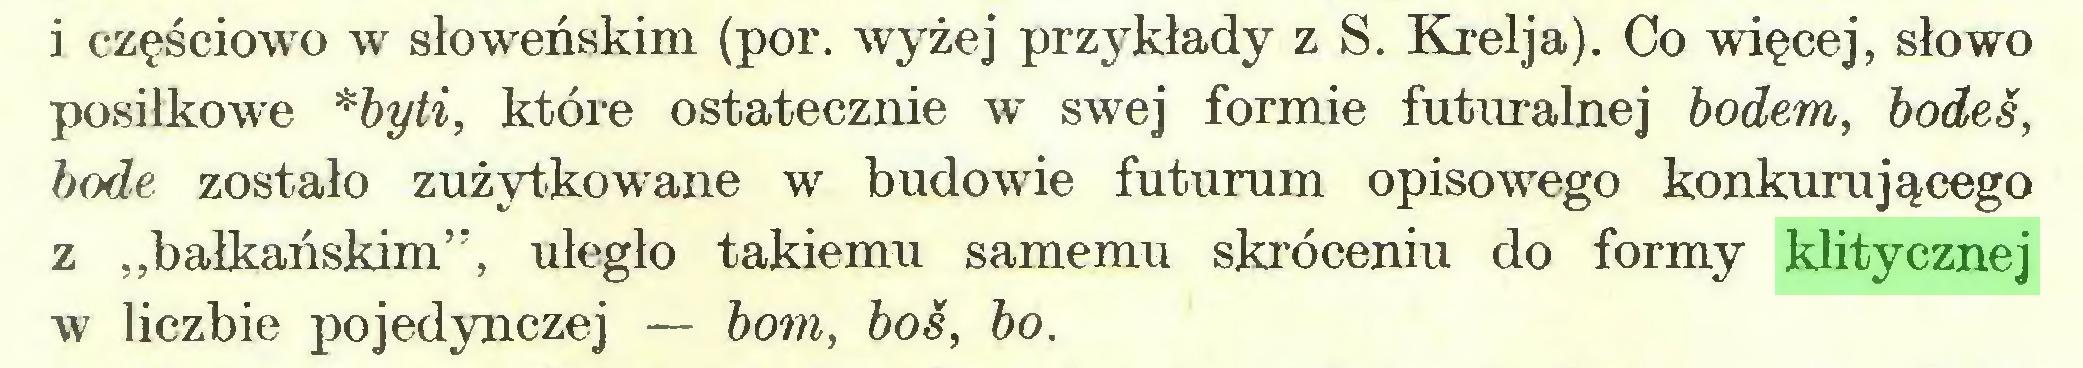 """(...) i częściowo w słoweńskim (por. wyżej przykłady z S. Krelja). Co więcej, słowo posiłkowe *byti, które ostatecznie w swej formie futuralnej bodem, bodes, bodę zostało zużytkowane w budowie futurum opisowego konkurującego z ,,bałkańskim"""", uległo takiemu samemu skróceniu do formy klitycznej w liczbie pojedynczej — bom, boś, bo..."""